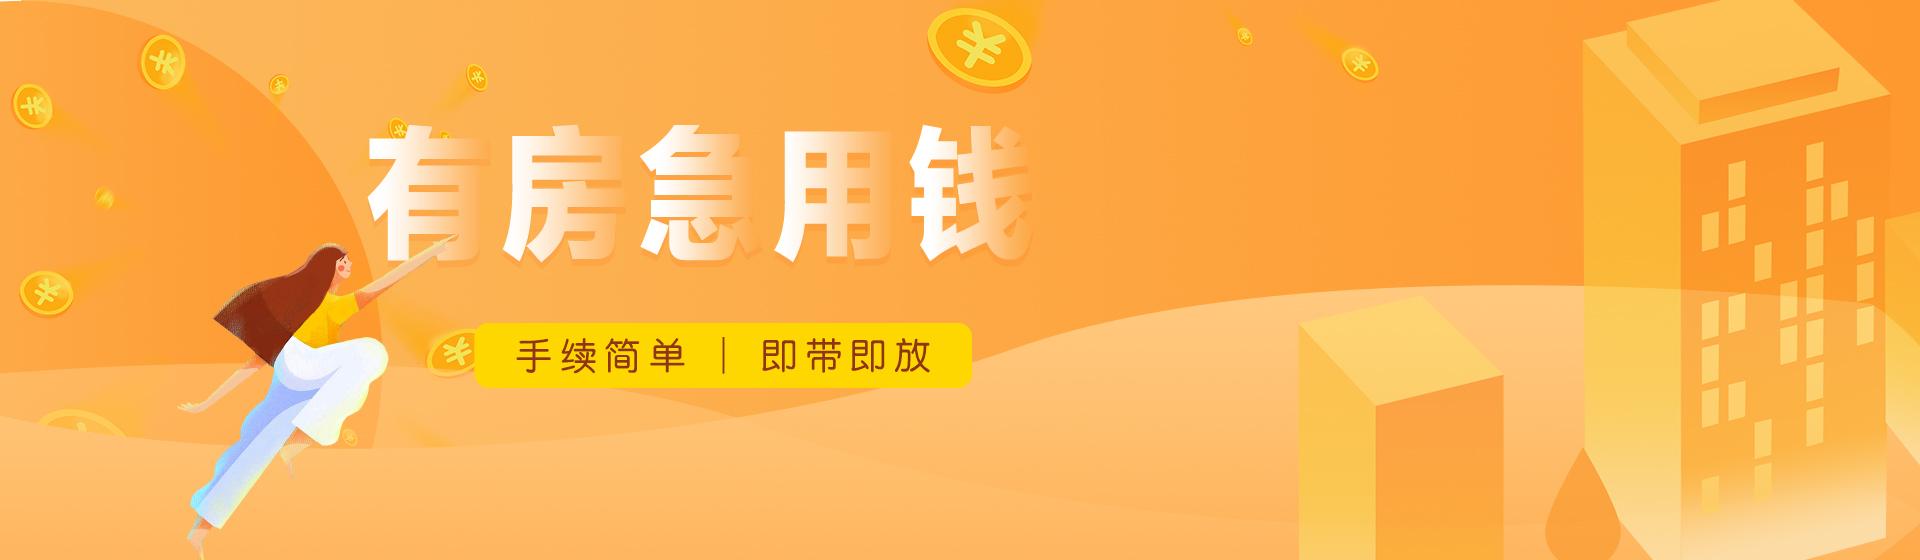 上海不押车抵押贷款公司